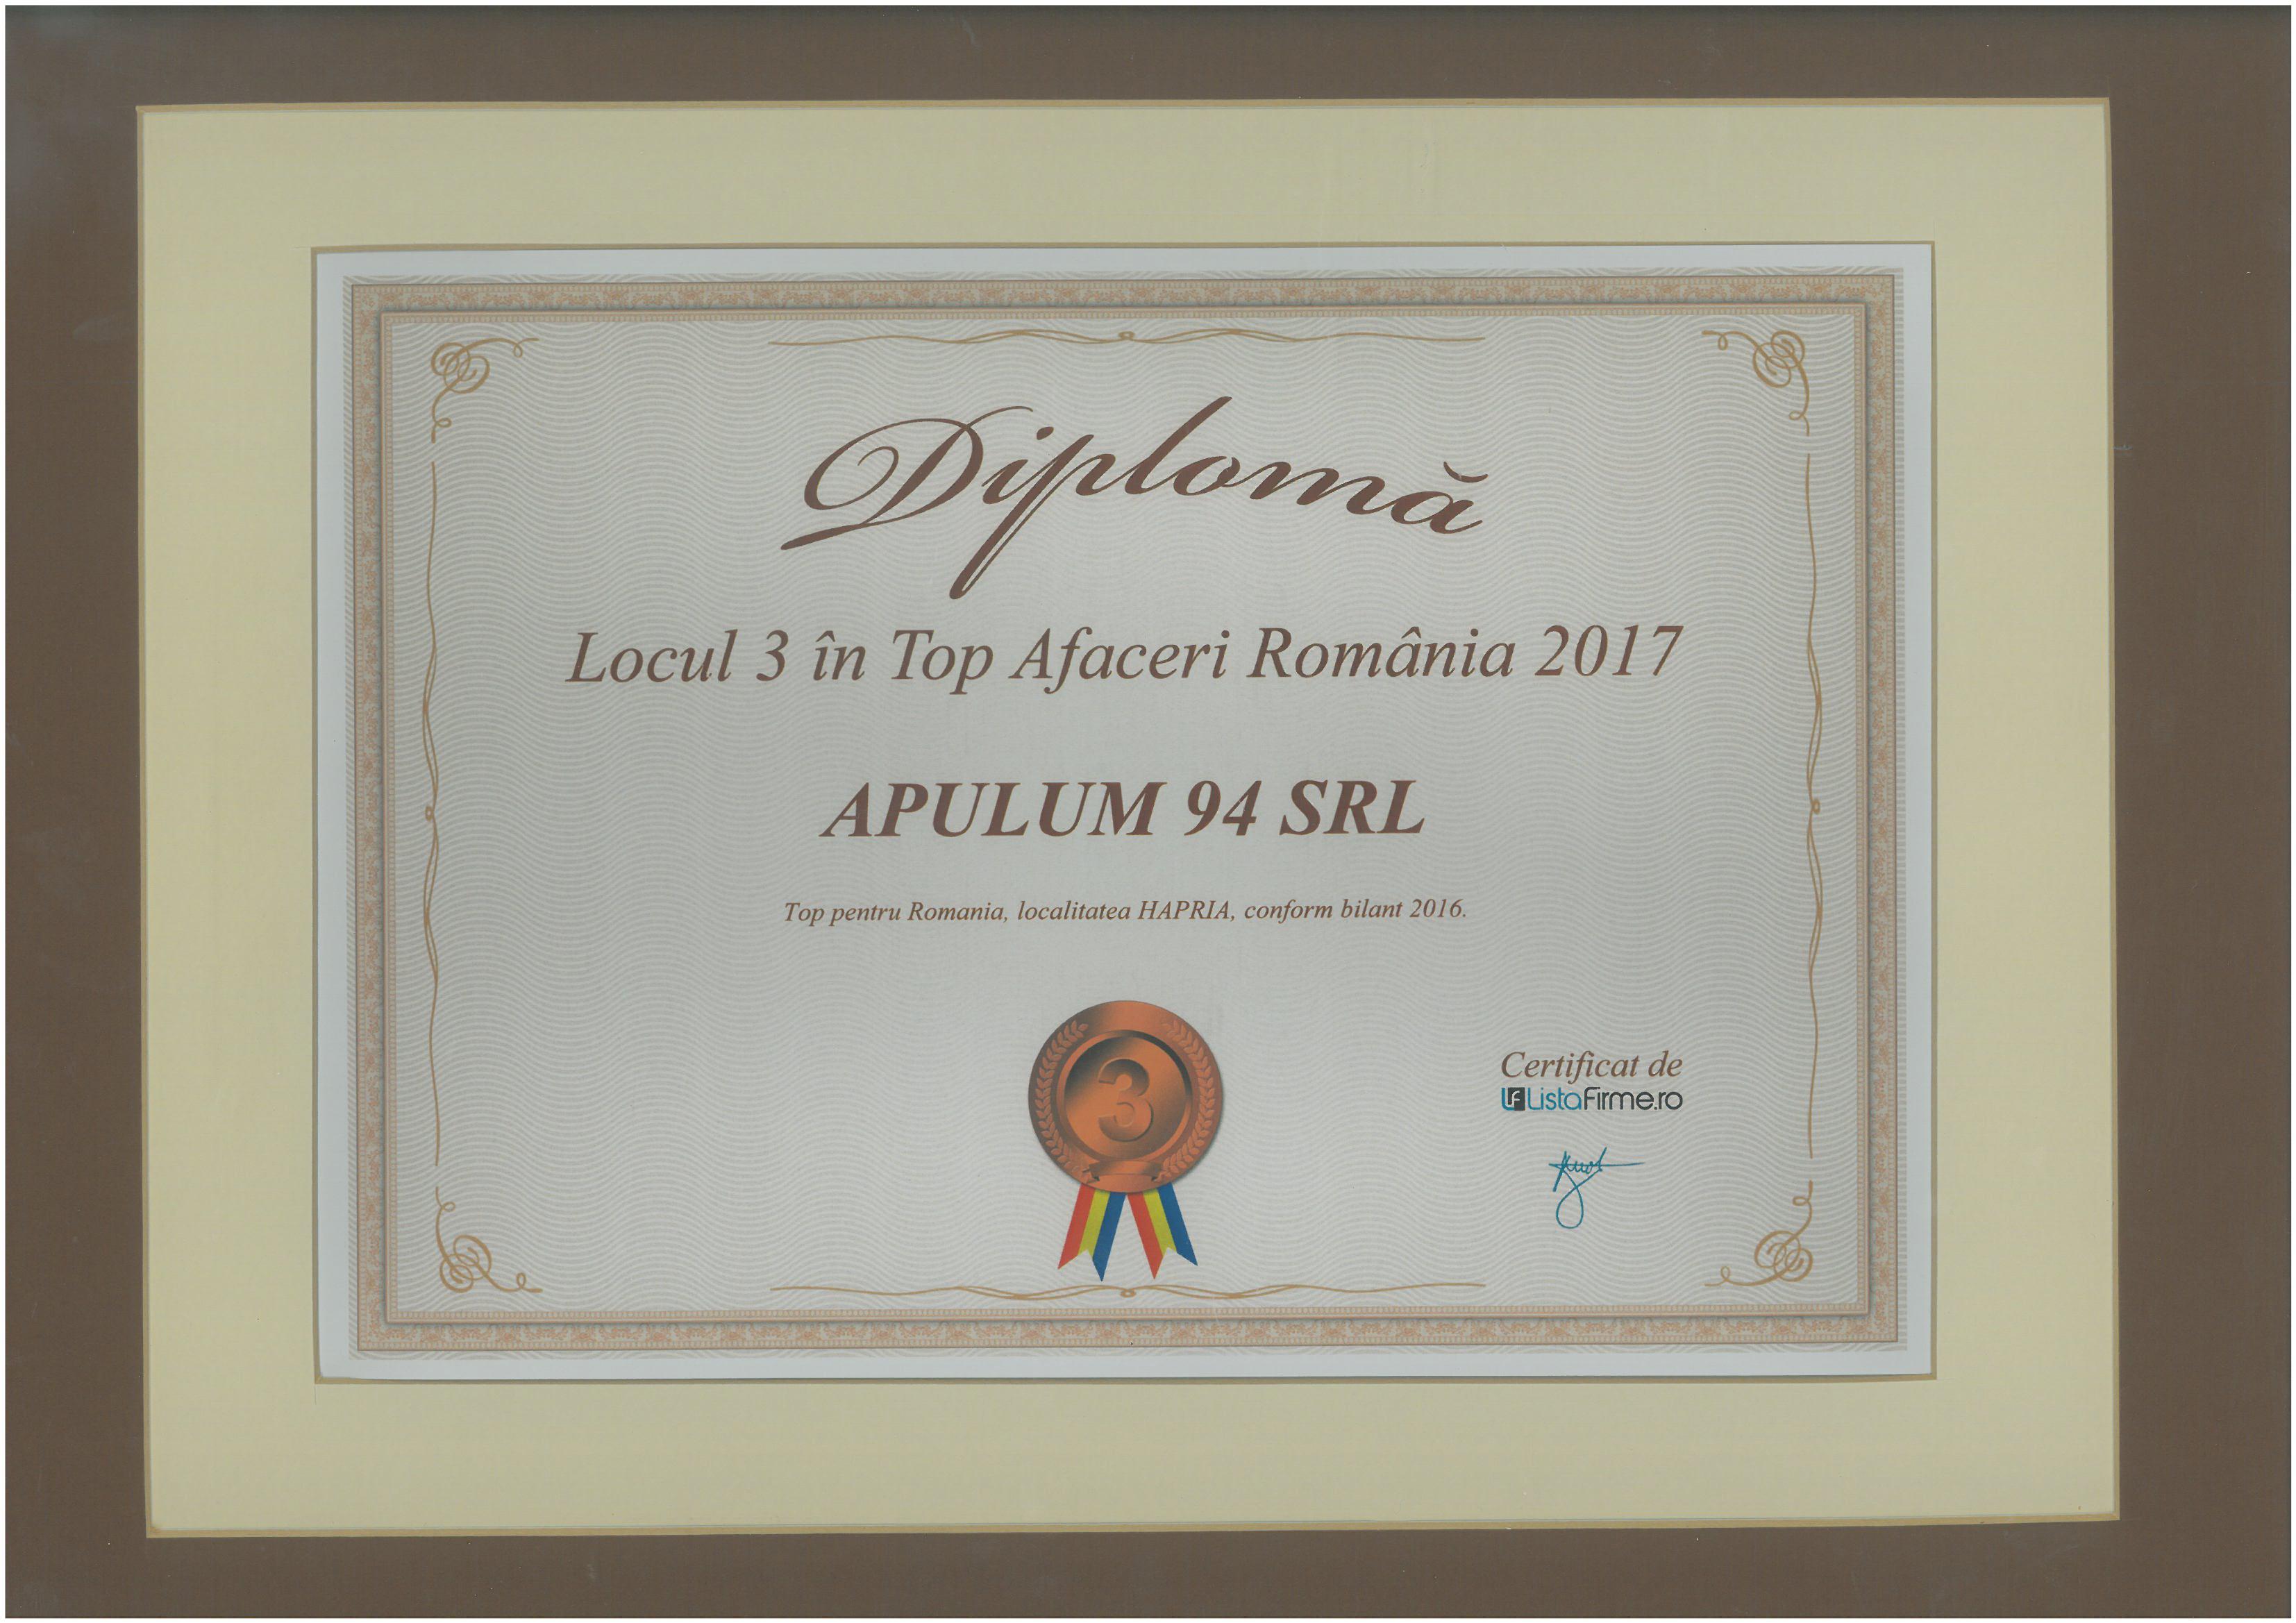 Top Afaceri Romania – 2017 - Locul 3